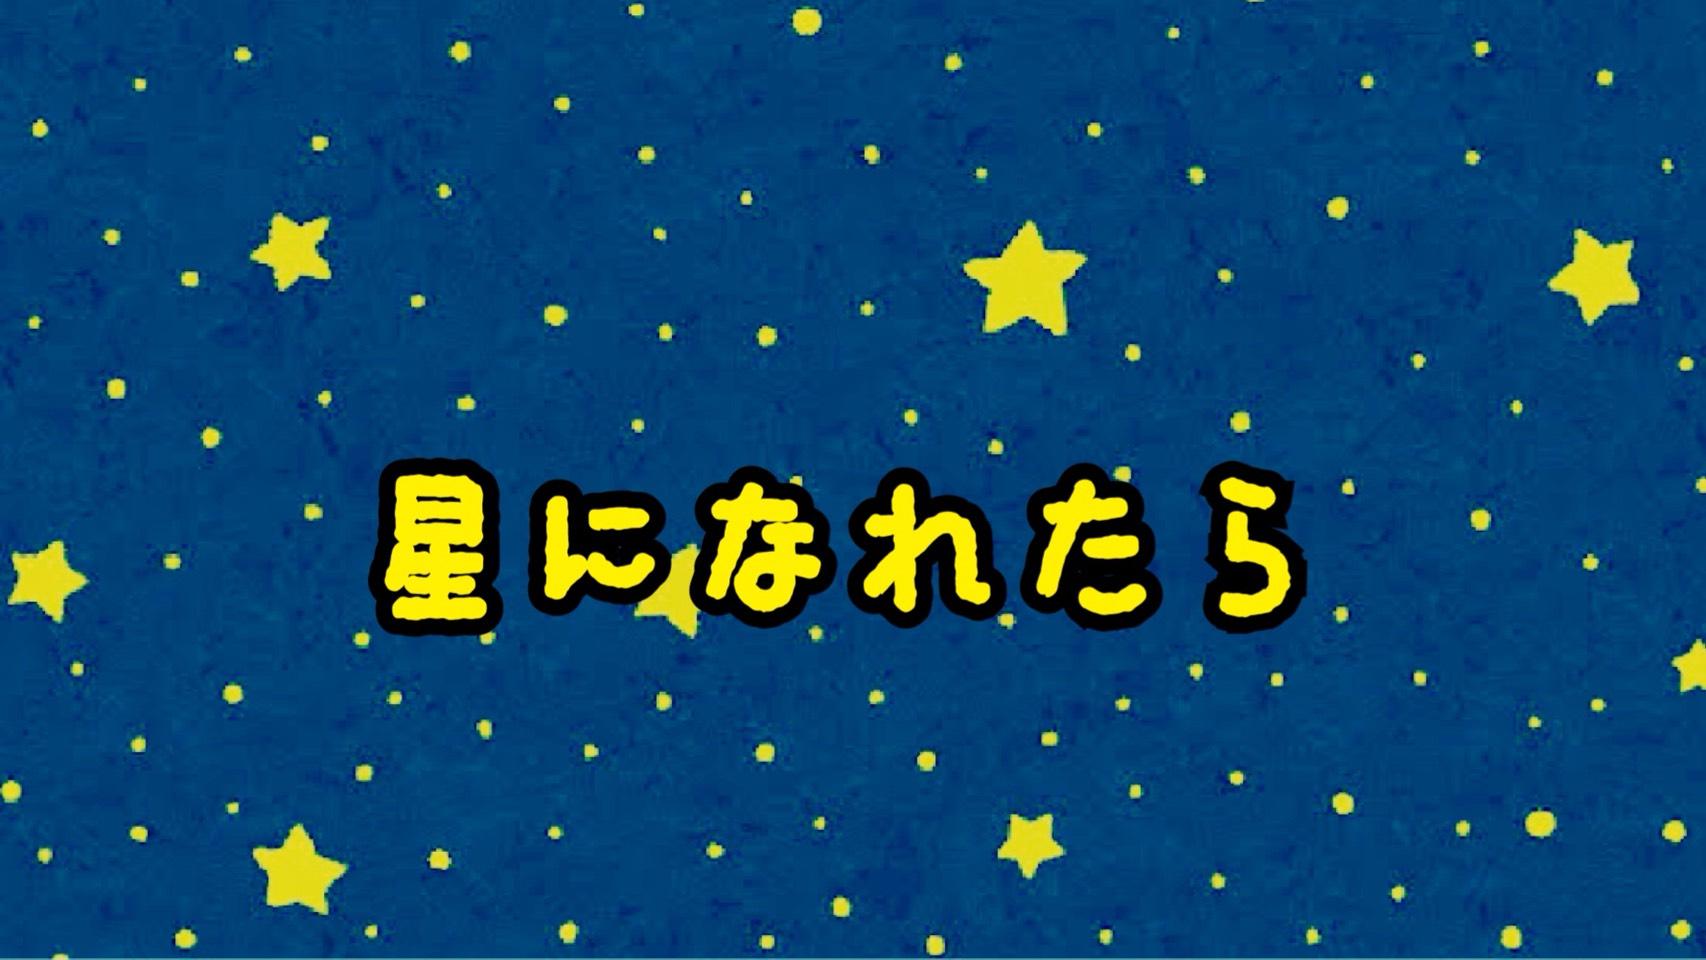 「星になれたら」のイメージ